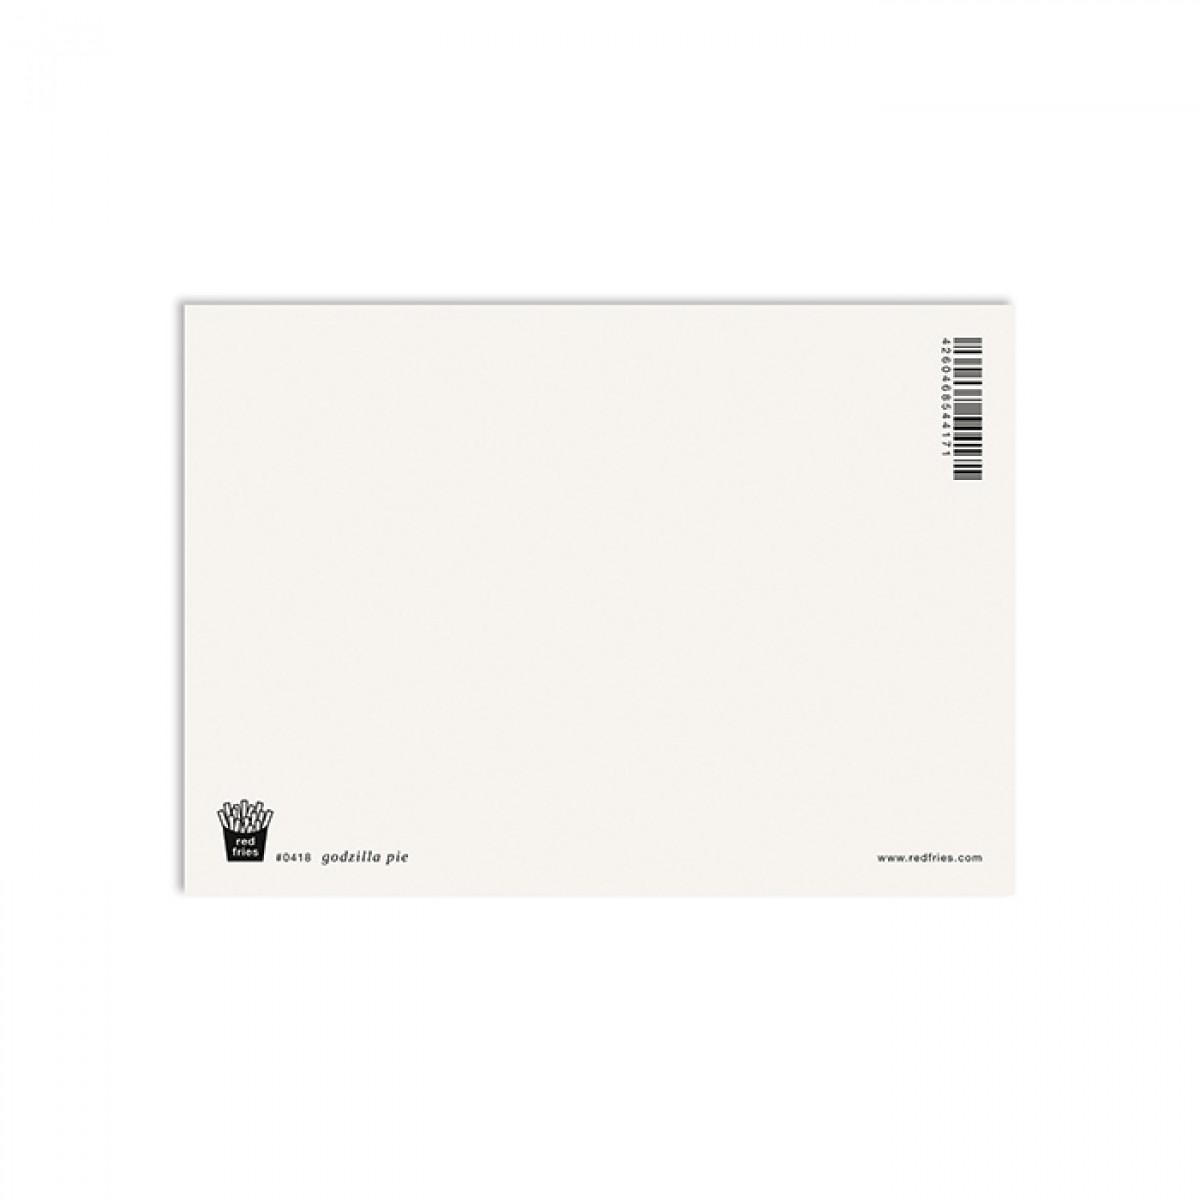 redfries godzilla pie –Postkarte DIN A6